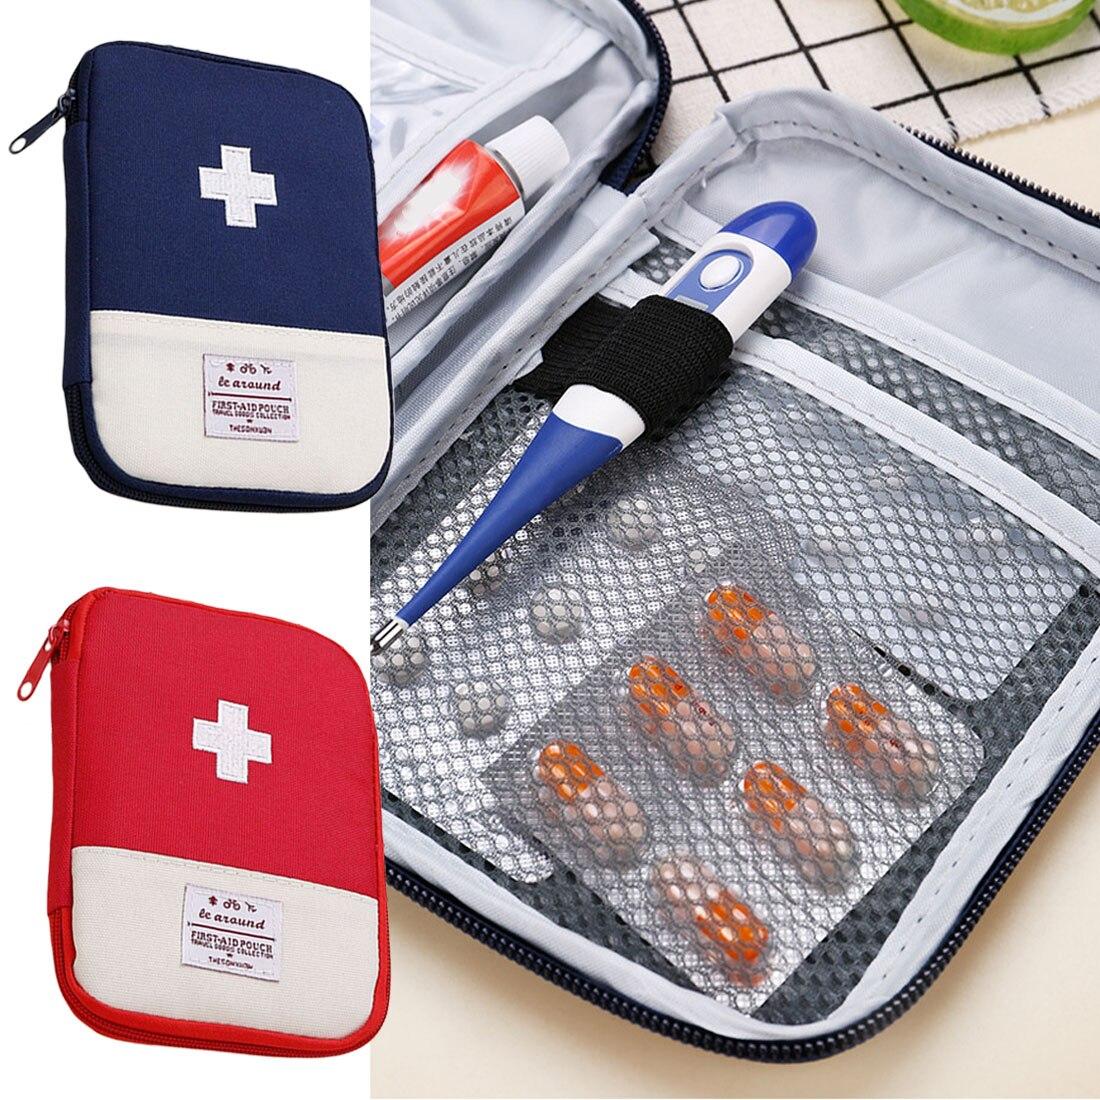 Bolsa médica de emergencia de primeros auxilios para acampar al aire libre, caja de pastillas para medicamentos, estuche de almacenamiento para Kit de supervivencia en el hogar, pequeña bolsa de supervivencia